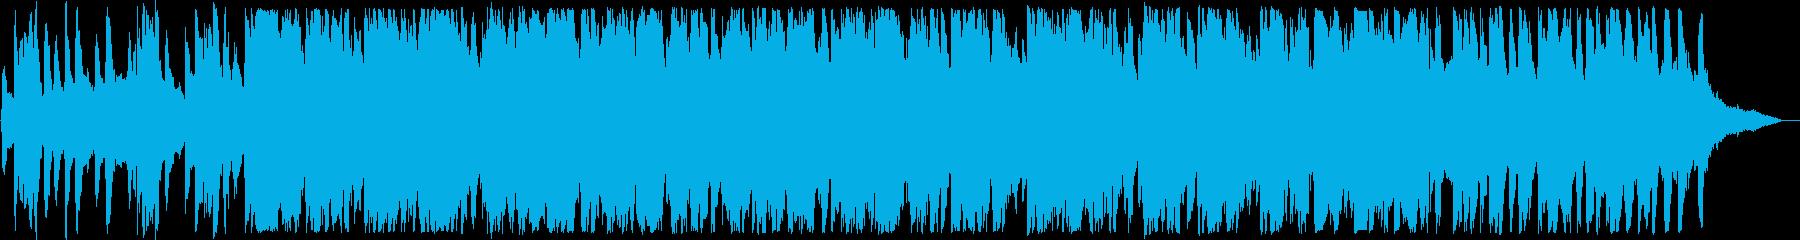 安らぐピアノ・バイオリンサウンドの再生済みの波形